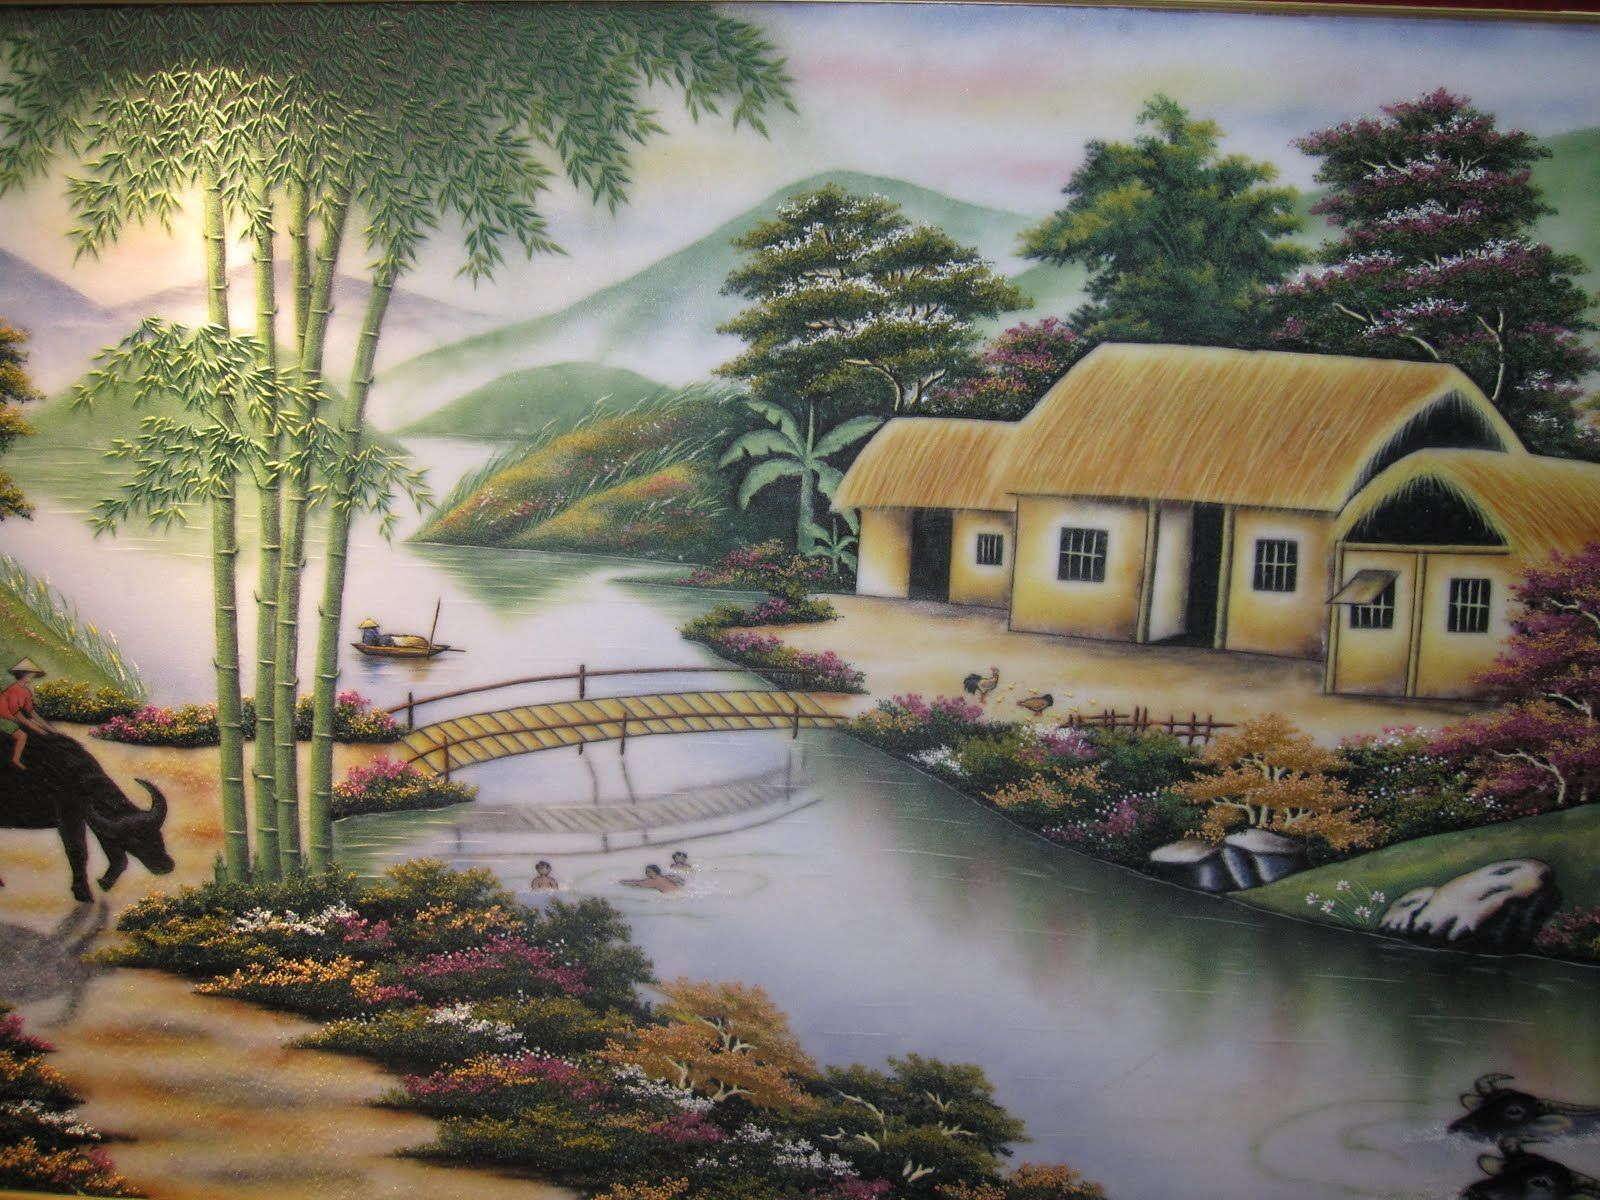 canh dep que huong | Tranh Phong Cảnh Làng Quê Đẹp - SieuThiTranhDep.net